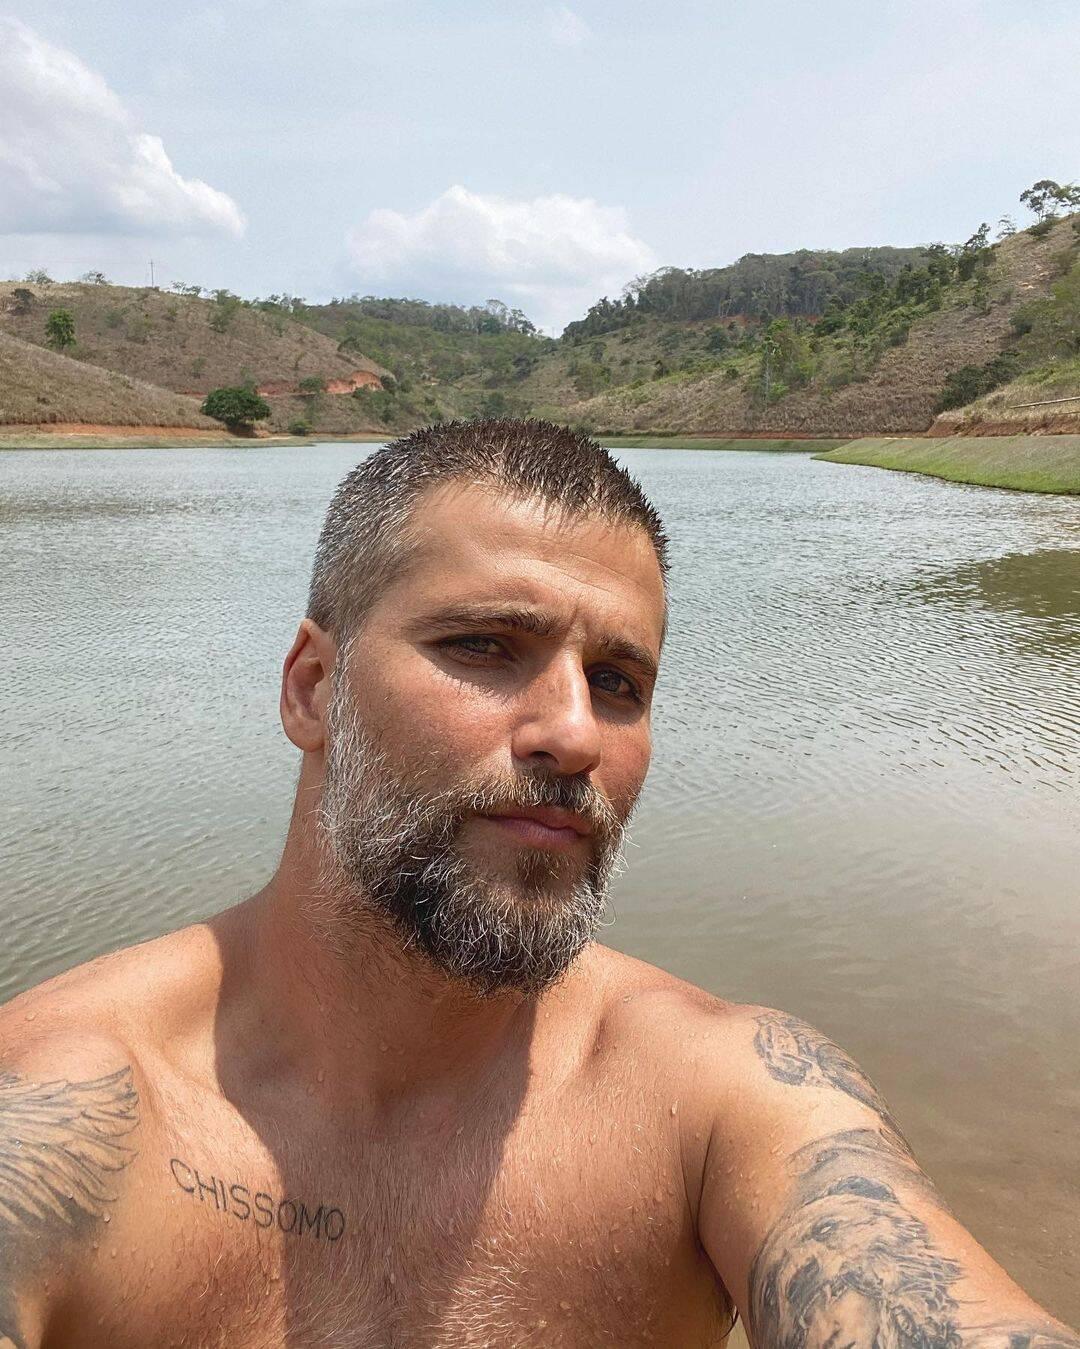 Em 2013, Bruno Gagliasso que vinha sofrendo com a calvície resolveu se render ao transplante capilar. Entretanto, devido à falta de cuidado os fios foram caindo. (Foto: Instagram)